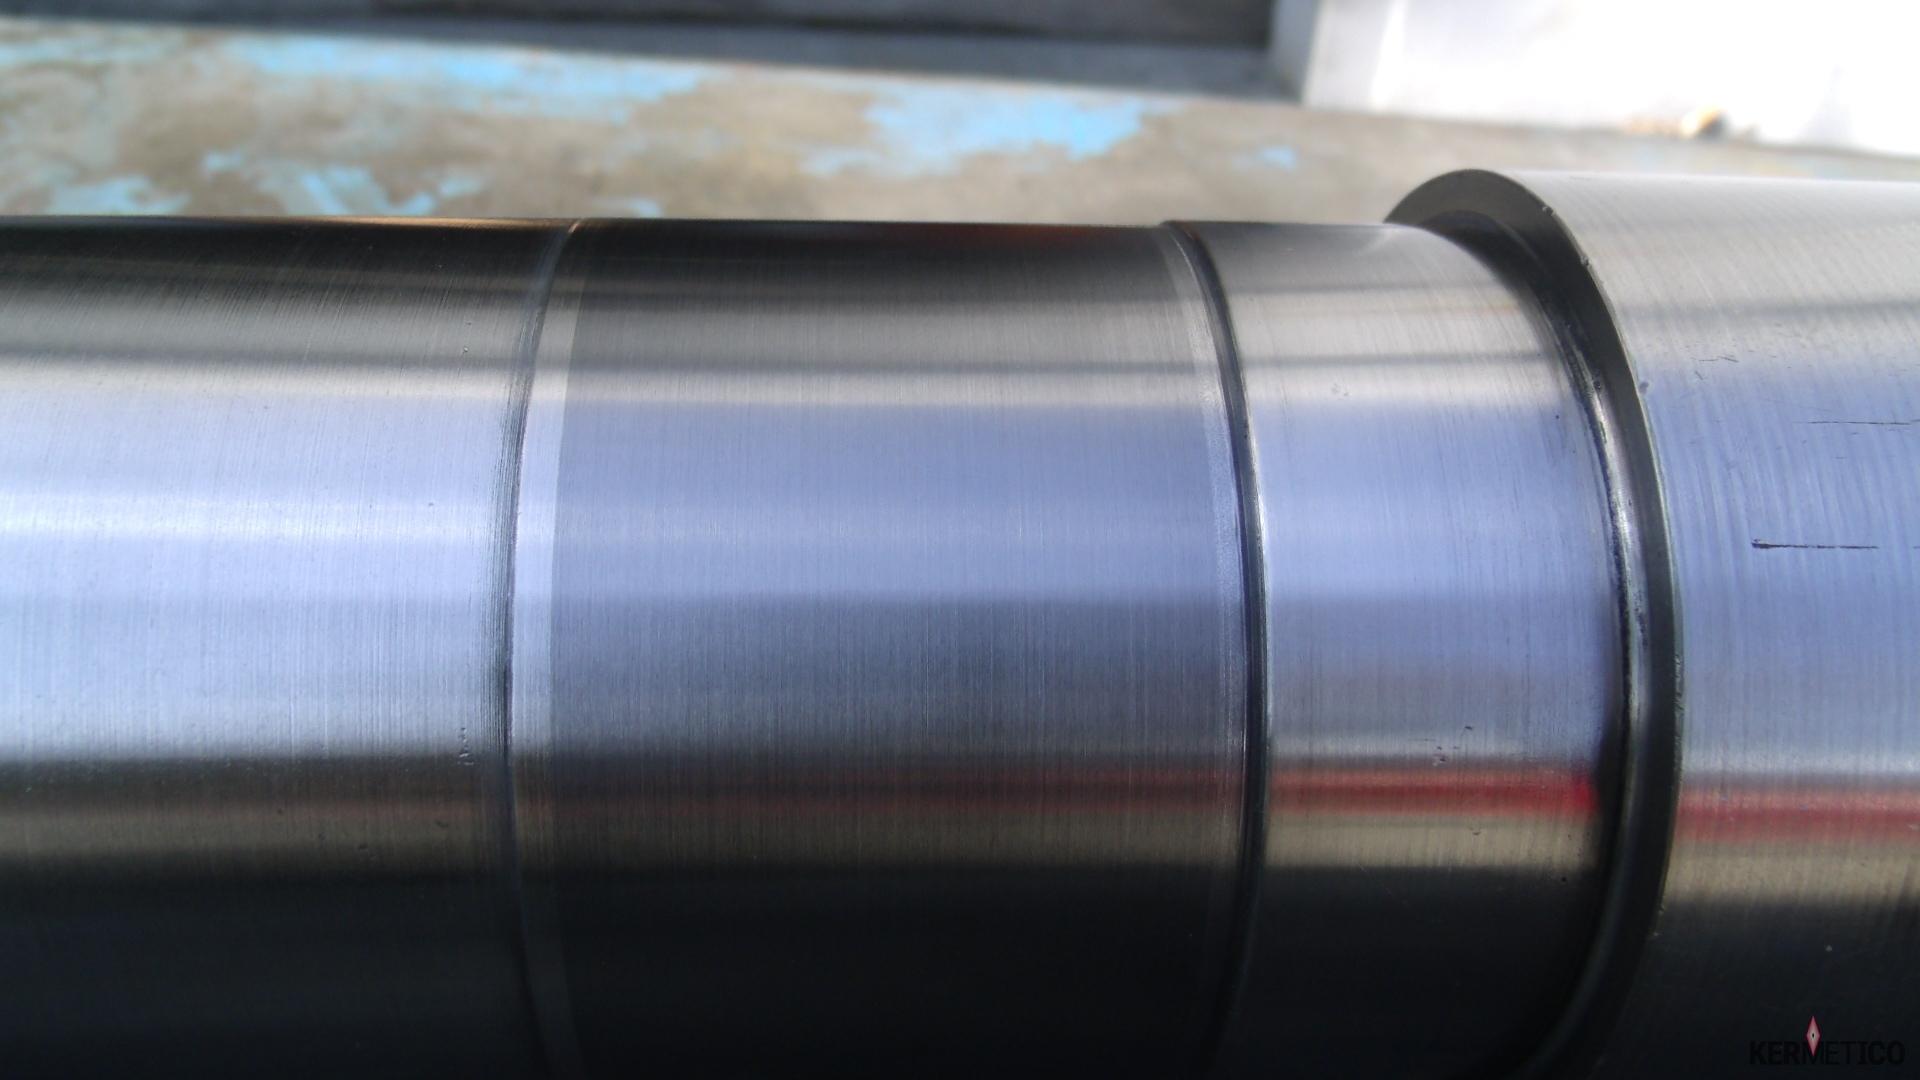 A Polished Shaft with a Kermetico HVAF Coating